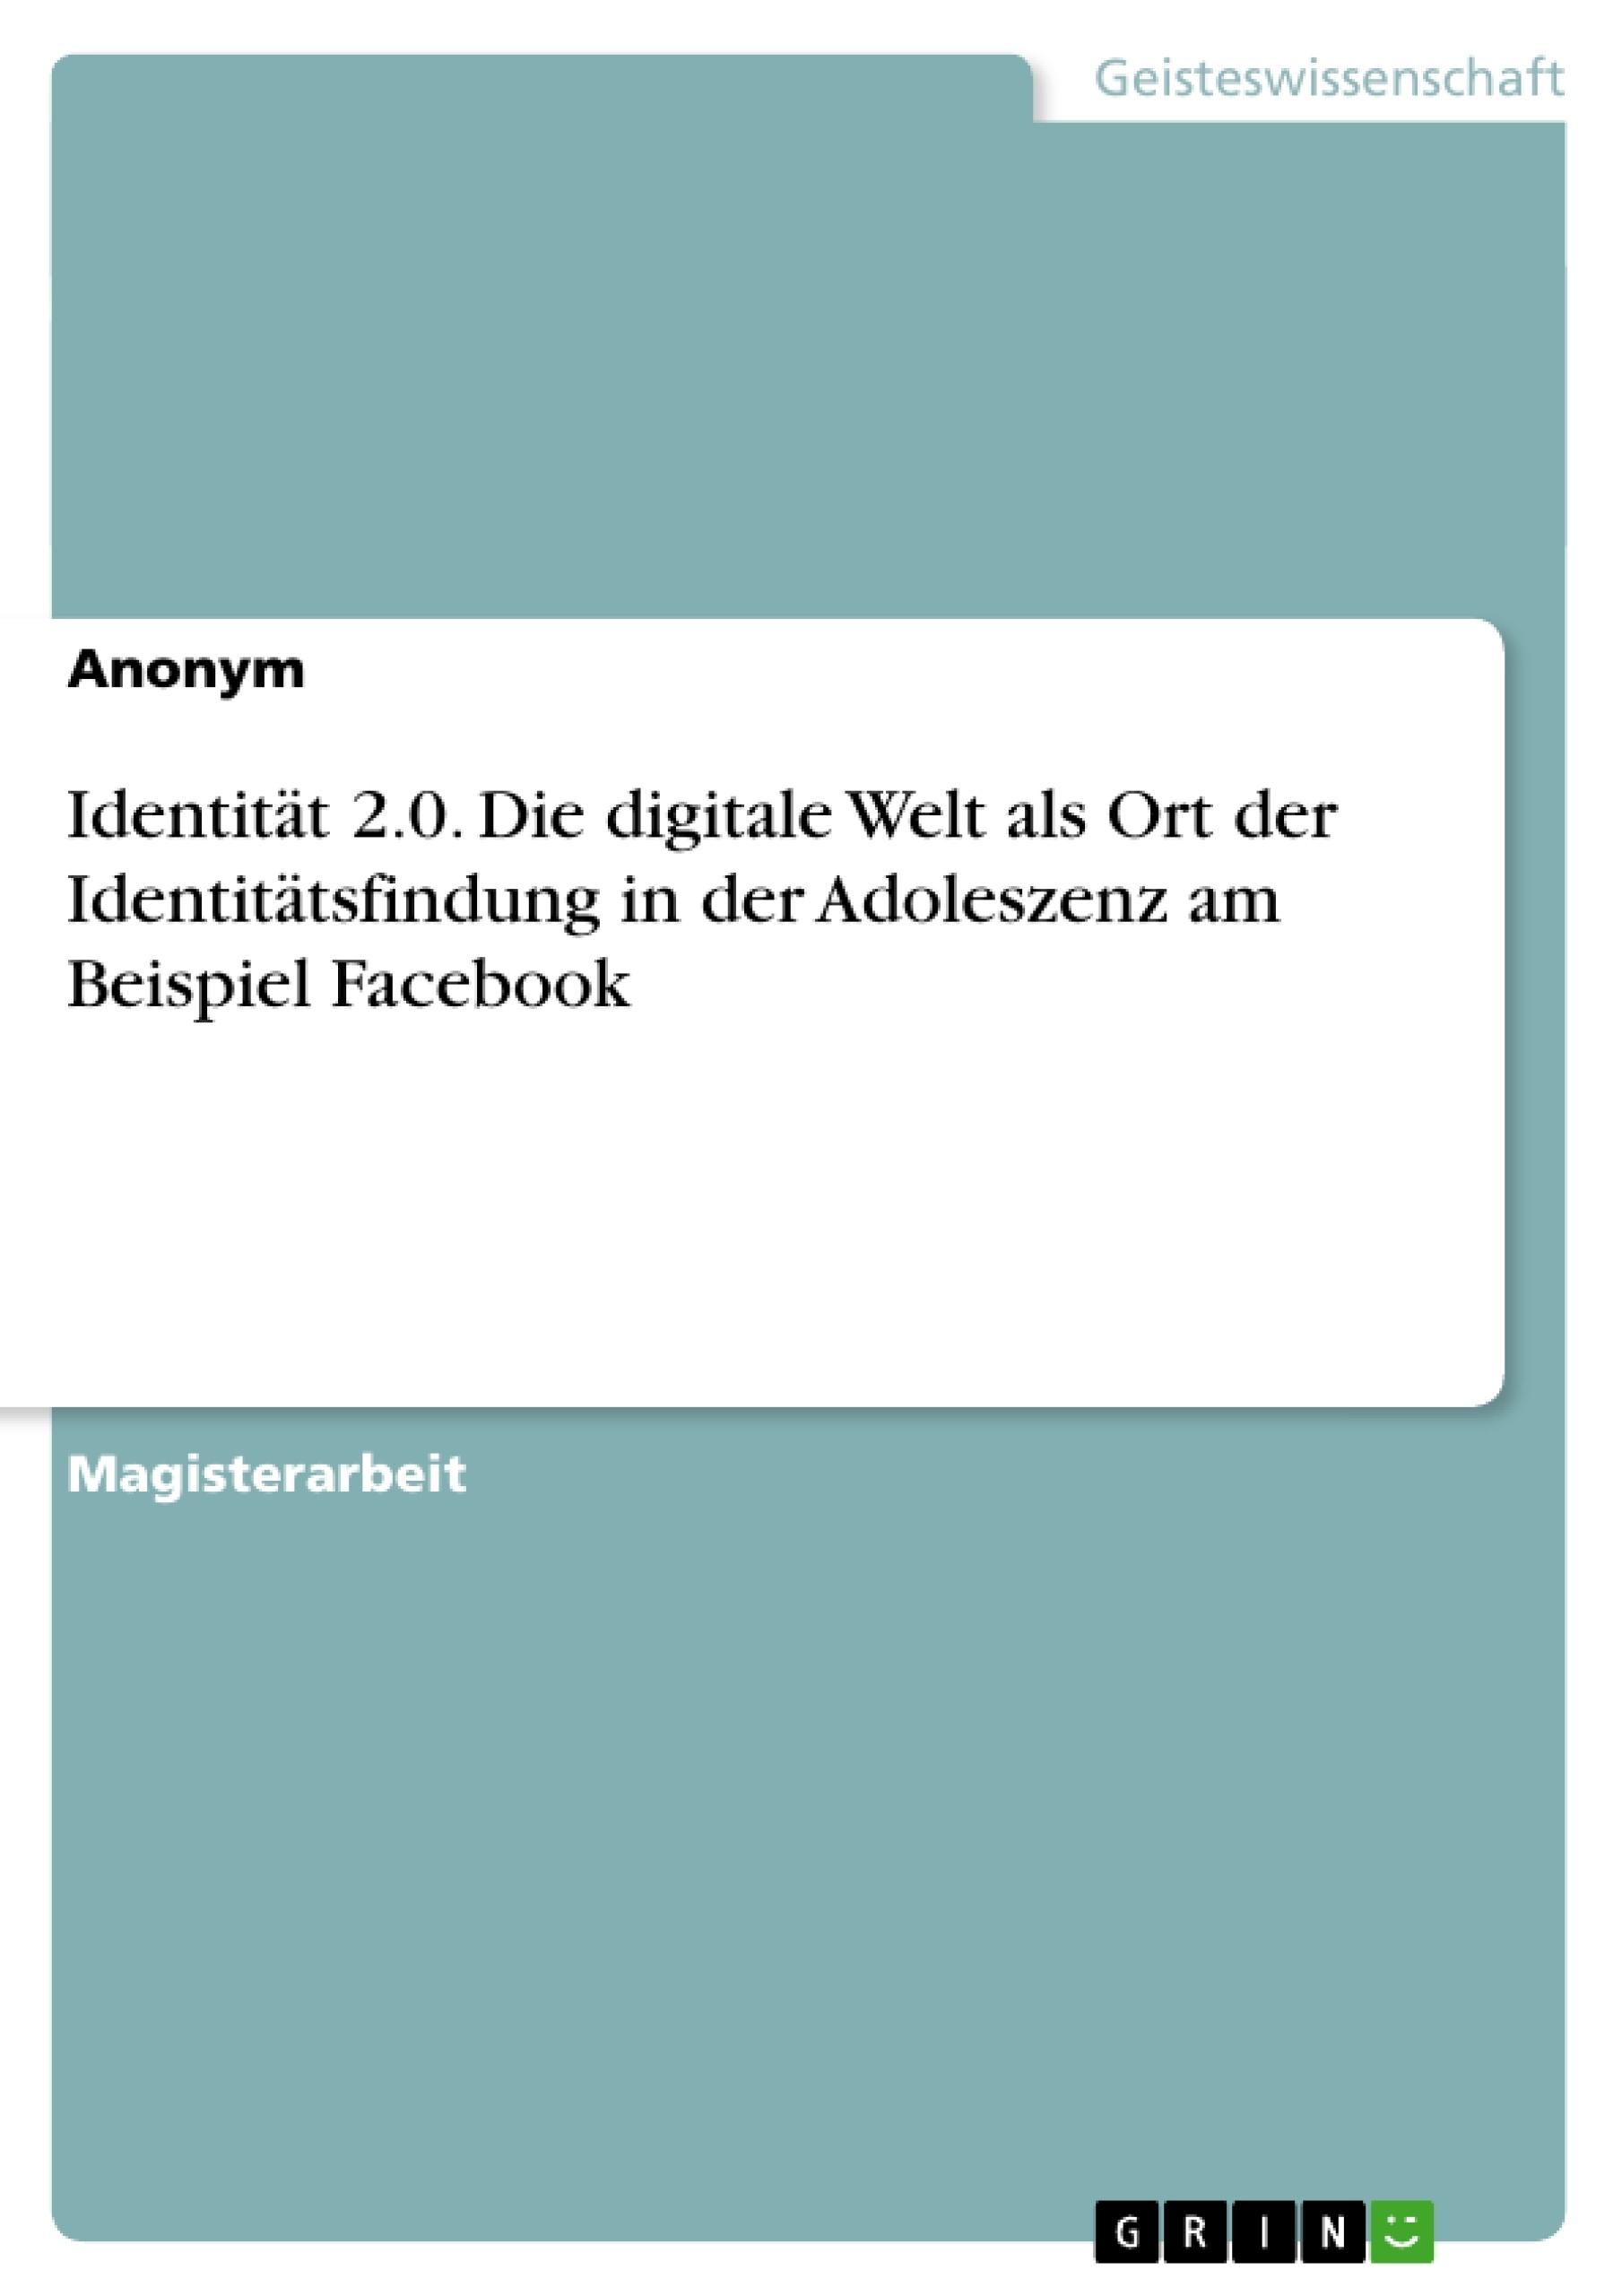 Titel: Identität 2.0. Die digitale Welt als Ort der Identitätsfindung in der Adoleszenz am Beispiel Facebook